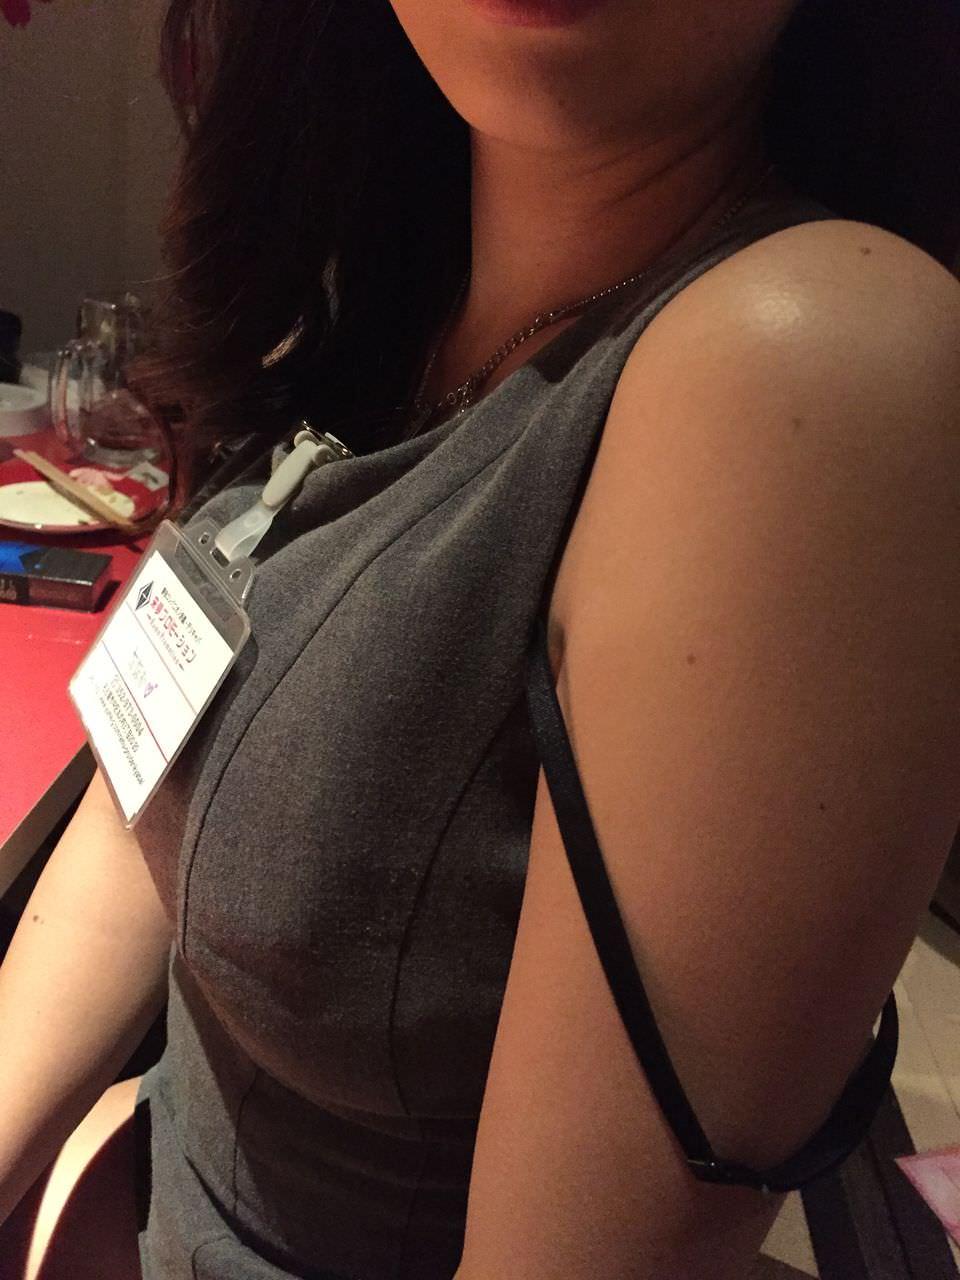 ピンクコンパニオンのお遊びを初めて経験した結果www上司にフェラ見られて超気まずいwww 1039